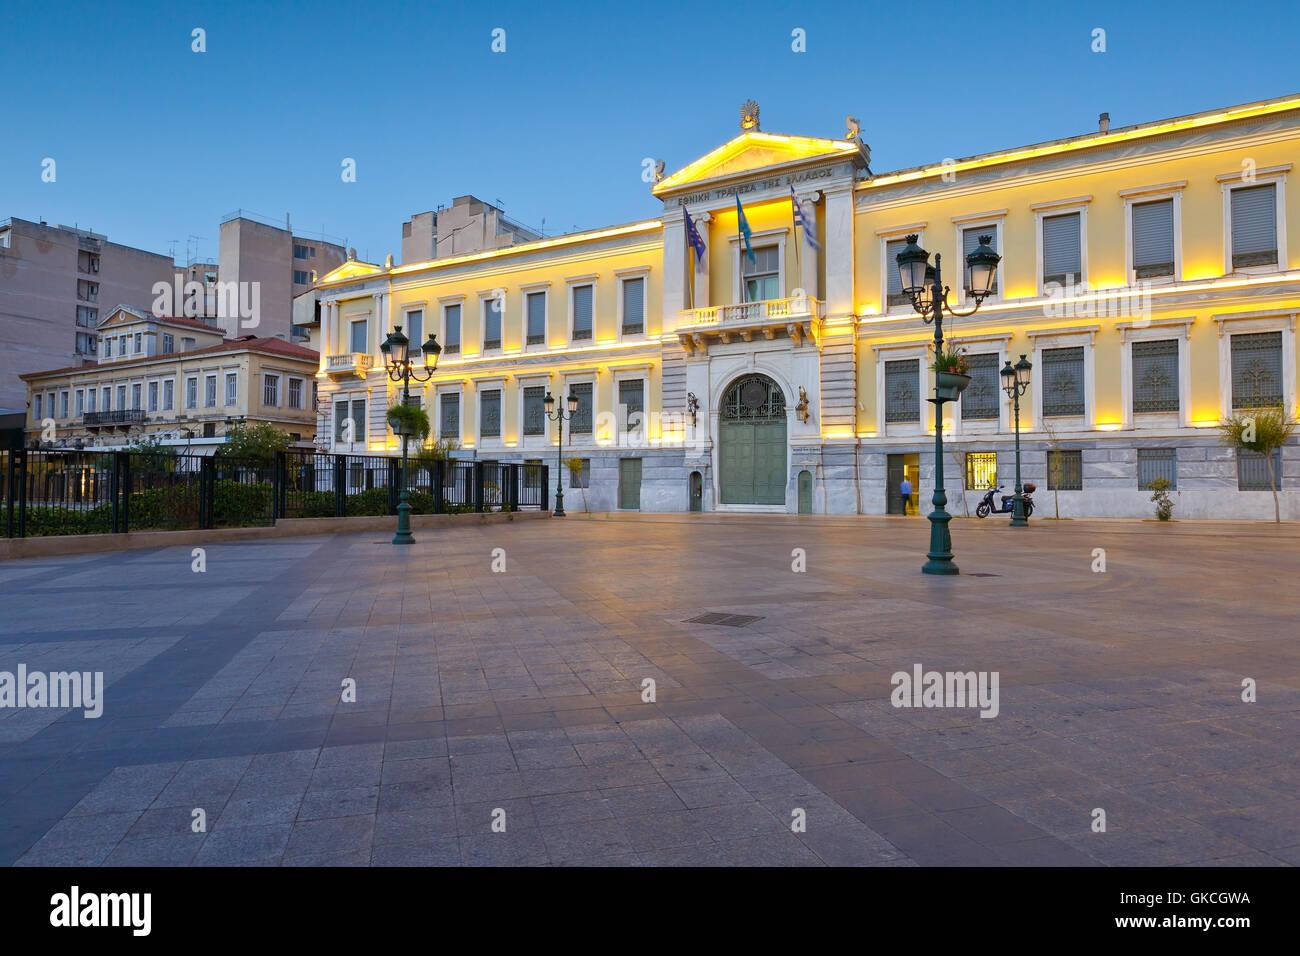 Bâtiment de la Banque Nationale de Grèce à la place Kotzia, Athènes. Photo Stock